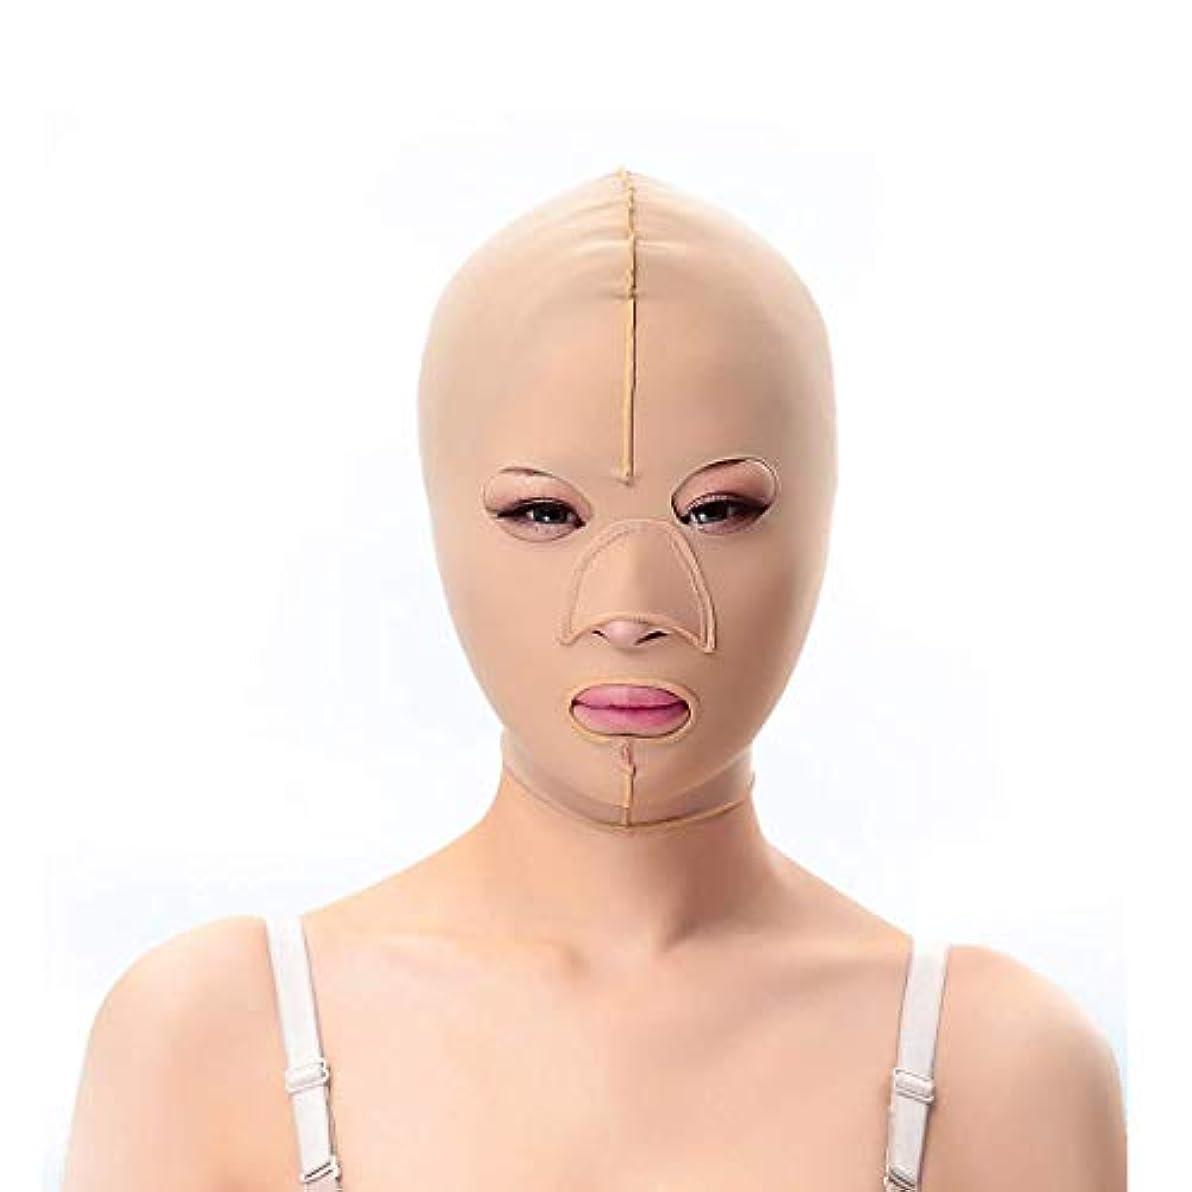 鋸歯状人口バケツスリミングベルト、二重あごの引き締め顔のプラスチックフェイスアーティファクト強力なフェイス包帯を脇に持ち上げるパターンを欺くためのフェイシャルマスクシンフェイスマスク(サイズ:L),ザ?